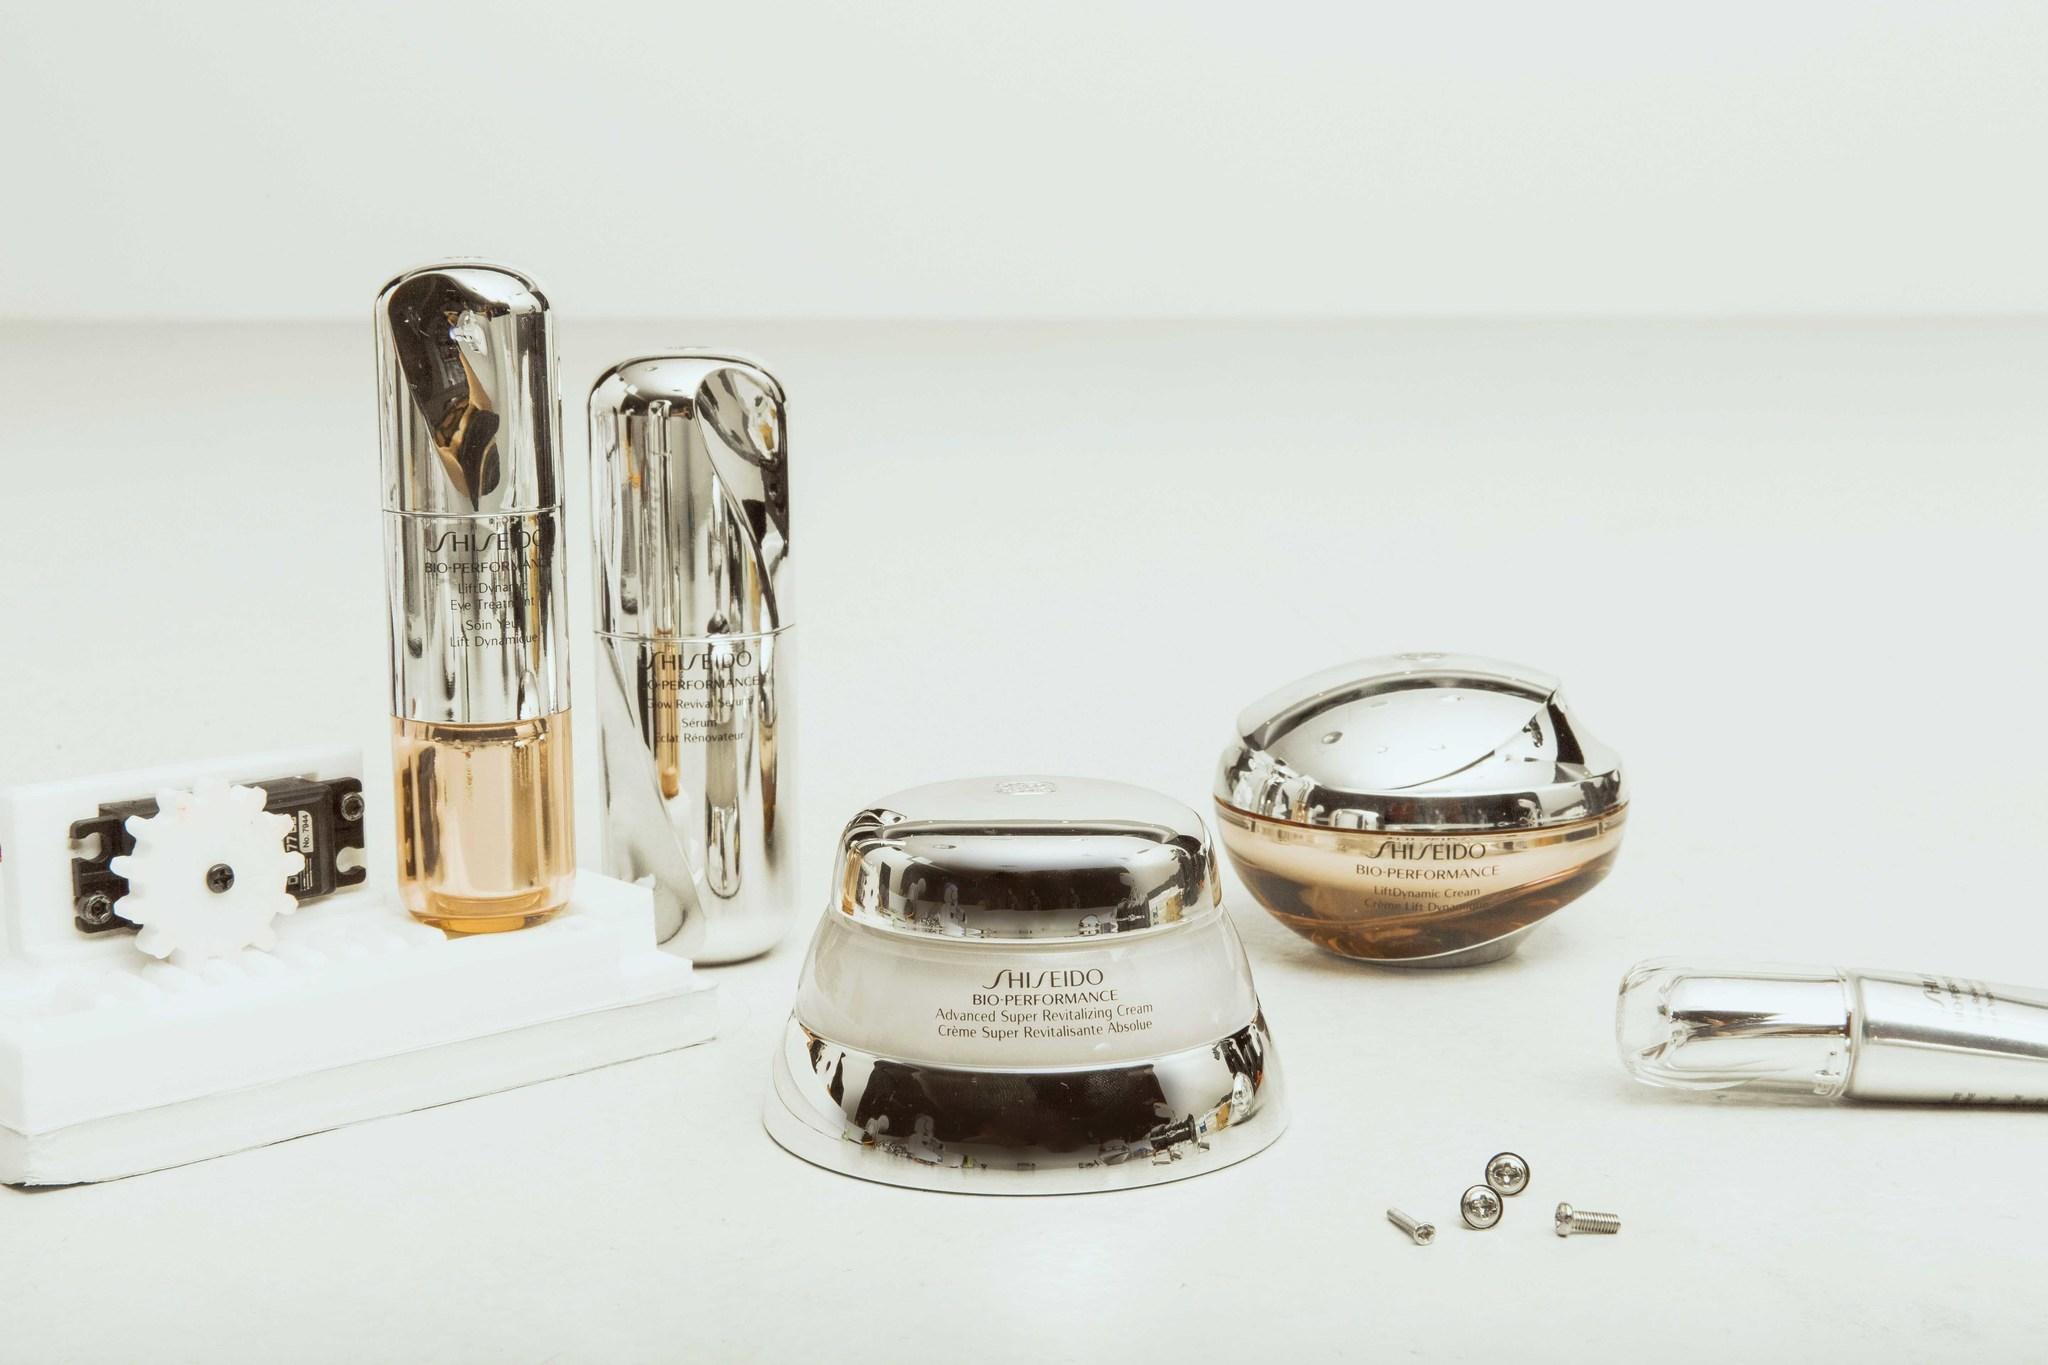 Los productos de la línea Bio-Performance de Shiseido.